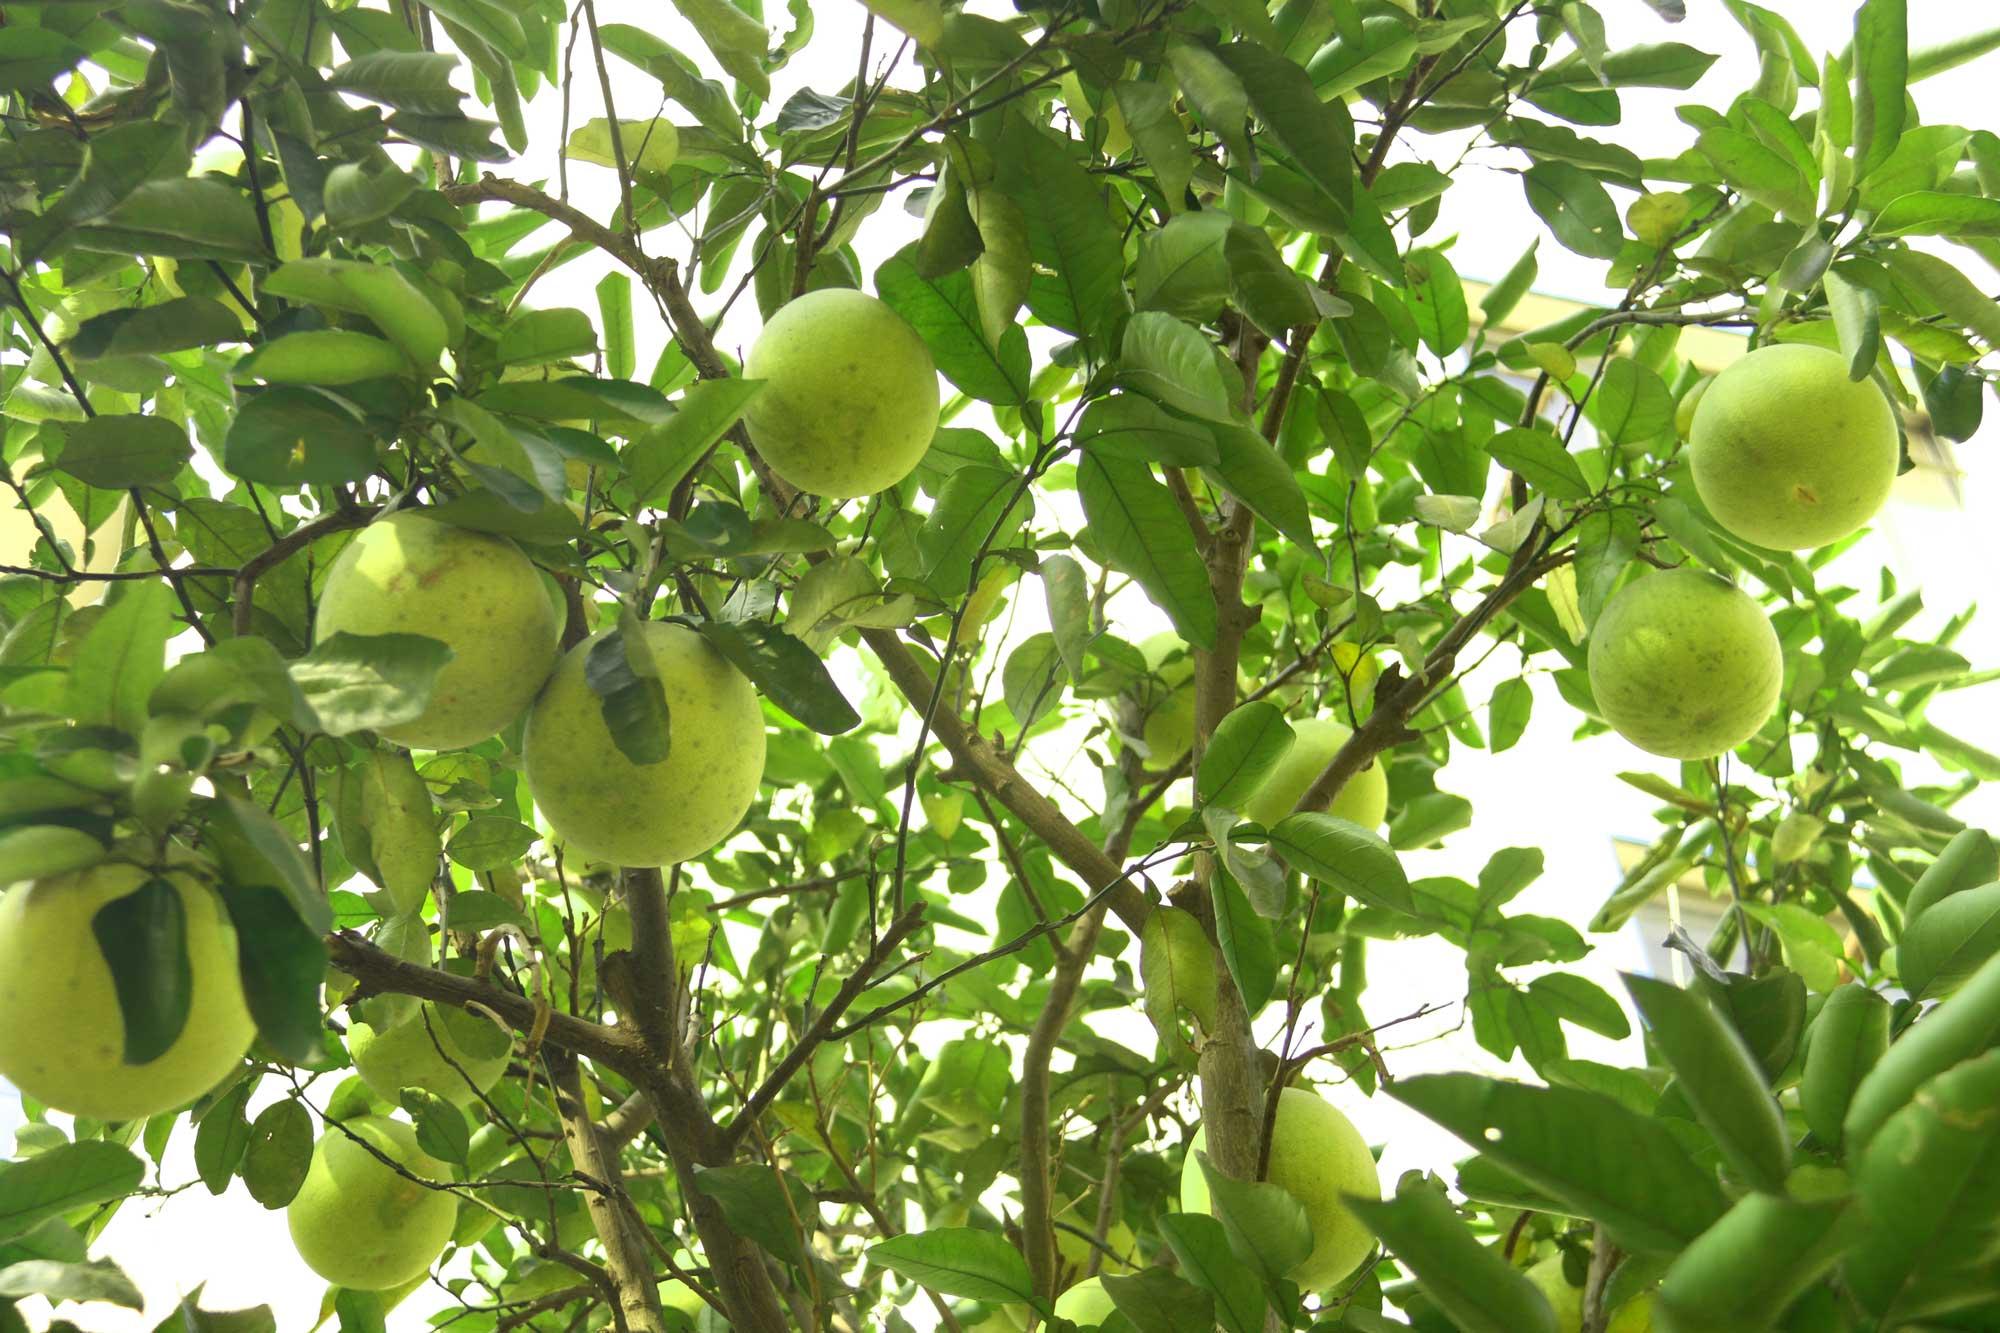 """柚子的果实大,圆形、扁圆形或阔倒卵形;成熟时呈淡黄色或橙色。果皮厚,有大油腺,不易剥离。果肉白色或红色。果味甜酸适口,秋末成熟,耐贮藏。种子单胚。 中国广西、福建、浙江、广东、四川、重庆和湖南等地均有栽培。有""""文旦柚""""""""沙田柚""""等品种。果实供生食或加工,果皮可制蜜饯。花、叶、果皮均可提取芳香油。长江以南各地,最北限见于河南省信阳及南阳一带,全为栽培。东南亚各国有栽种。折叠编辑本段生长环境栽培于丘陵或低山地带。 柚皮甙对小鼠的病毒感染有保护作用;患此症之小鼠的脾匀浆的上清液中,琥珀酸脱氢酶的活力较"""